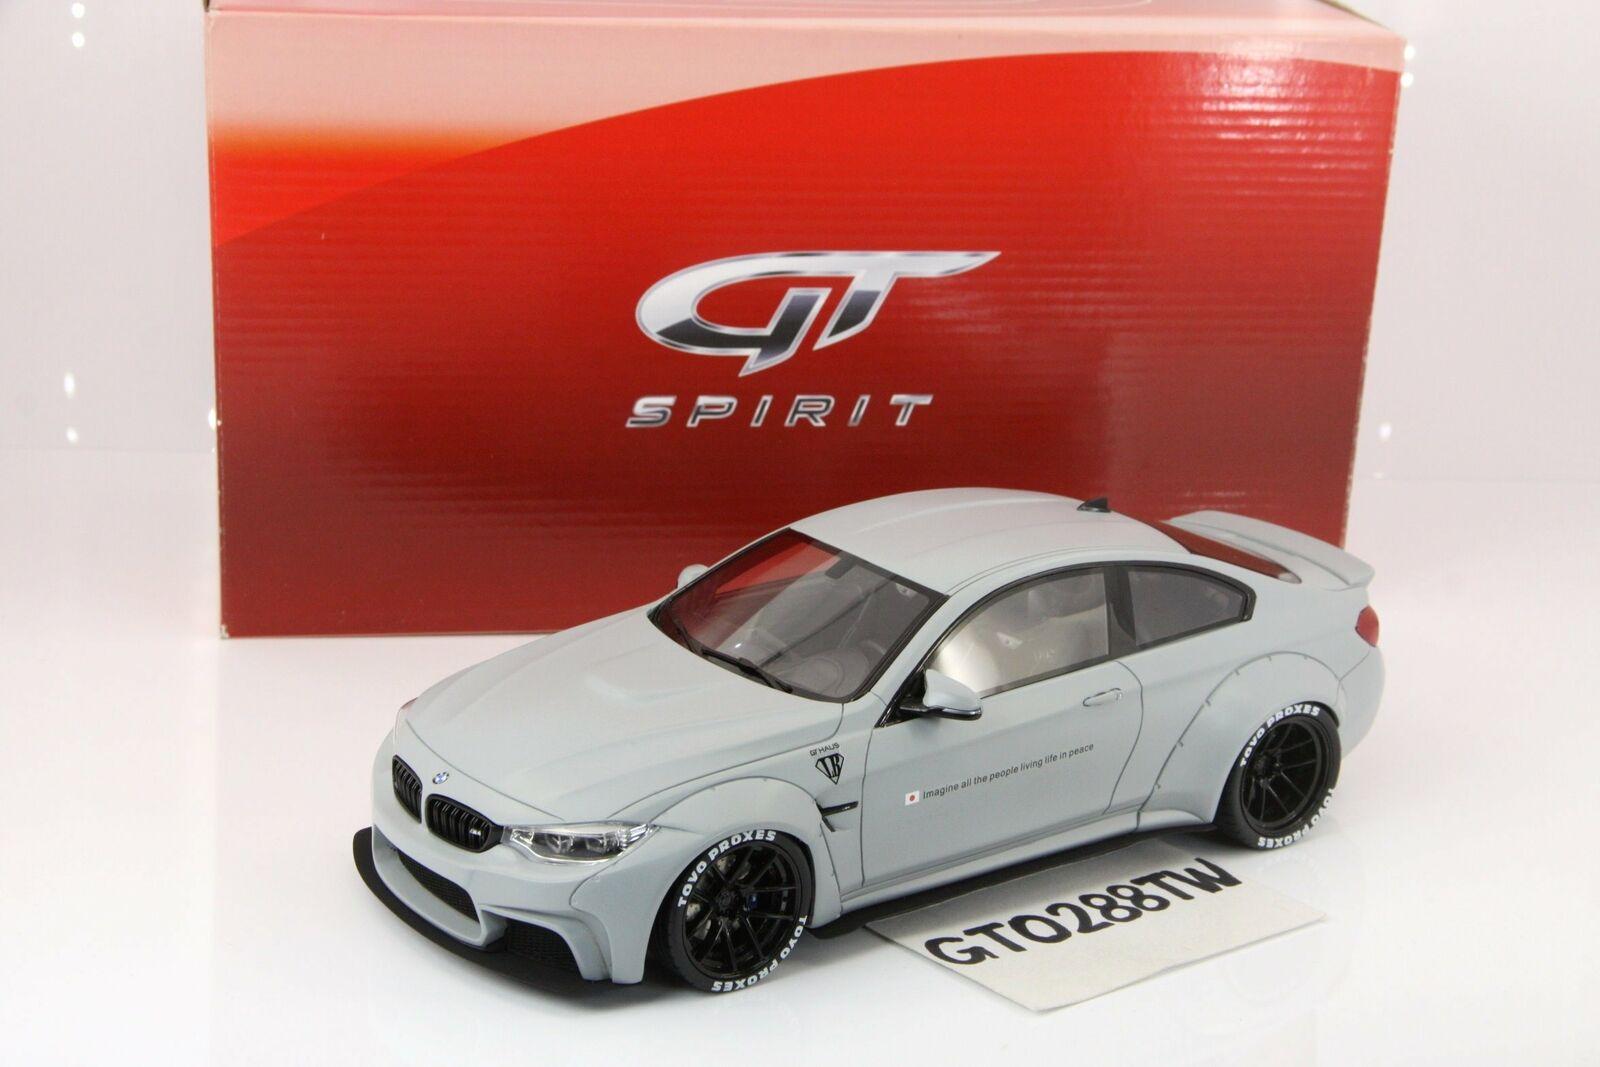 i nuovi marchi outlet online GT Spirit 1 18 scale BMW M4 LB LB LB Perforuomoce Liberty Walk - Matt grigio(GT099)  contatore genuino